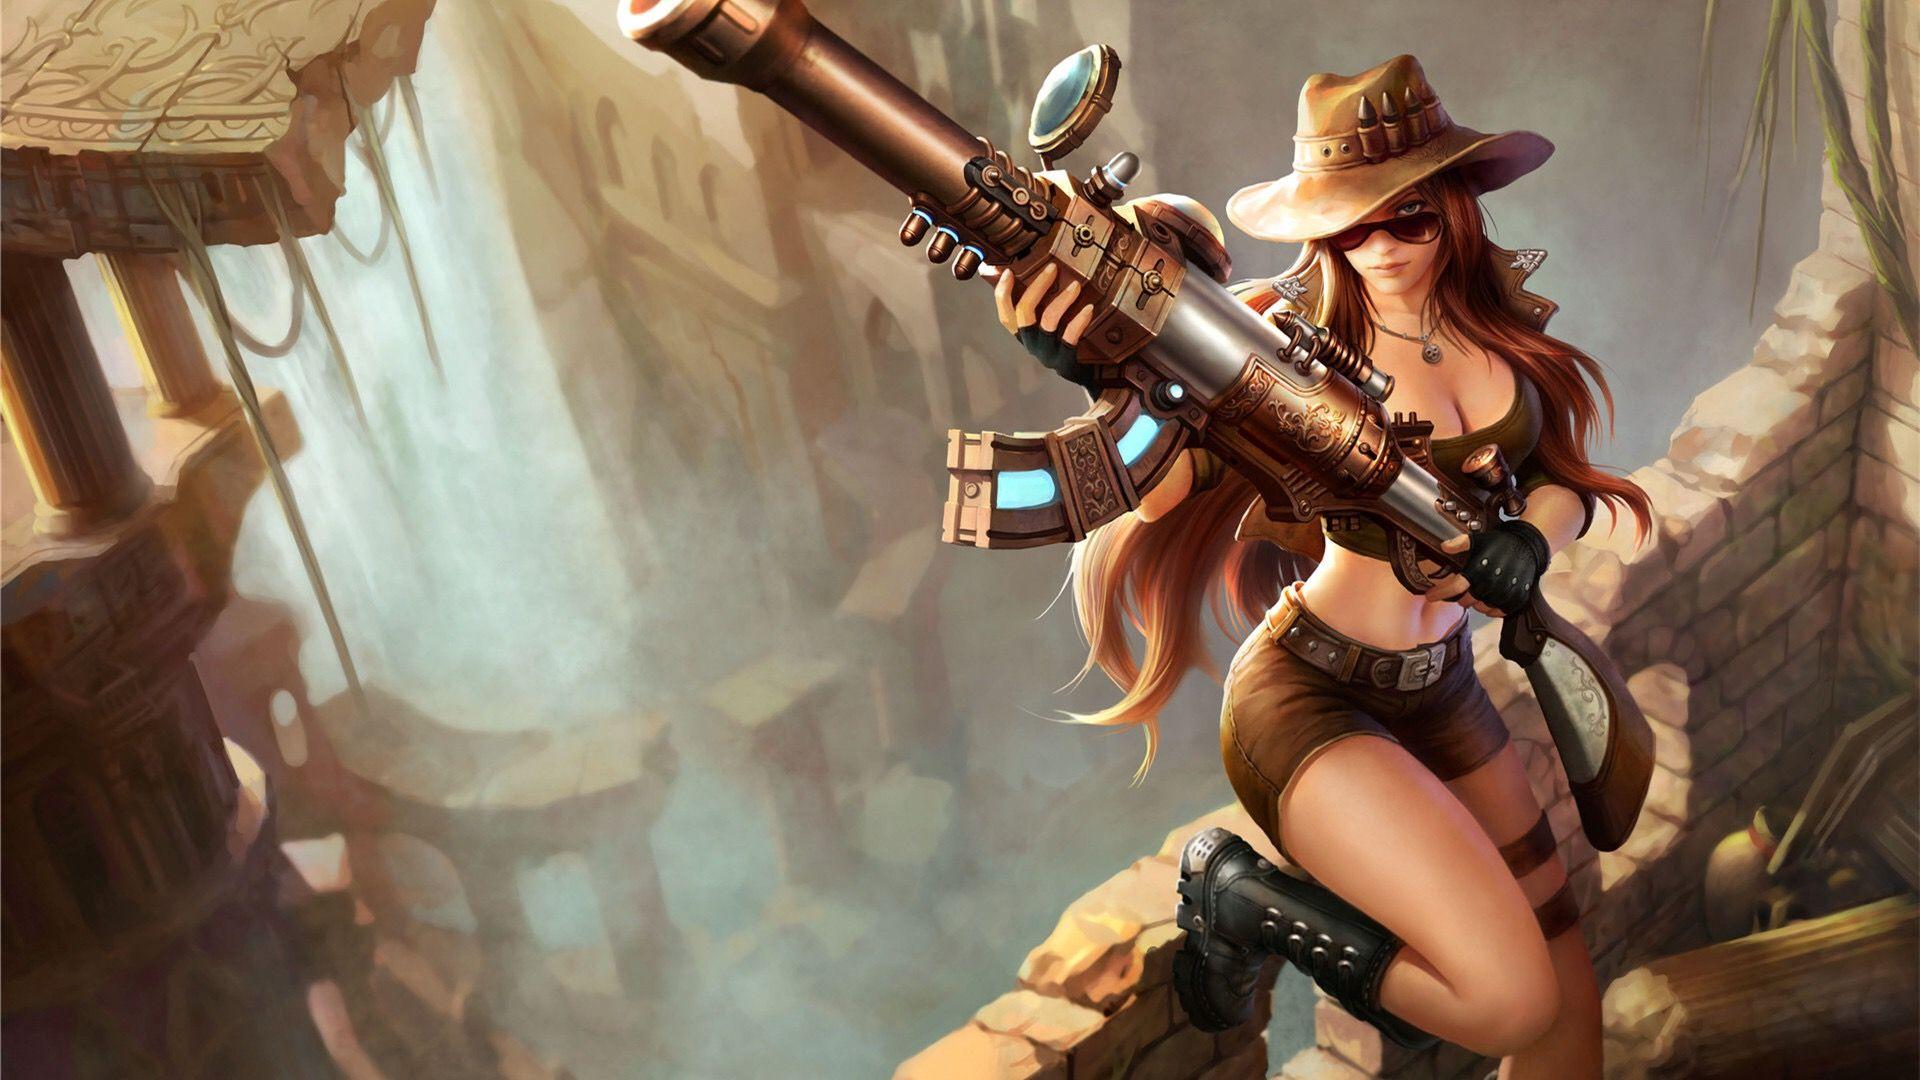 Dragon lore wallpaper wallpapersafari - Download Wallpaper Safari Caitlyn Skin Full Hd On Gamewalls